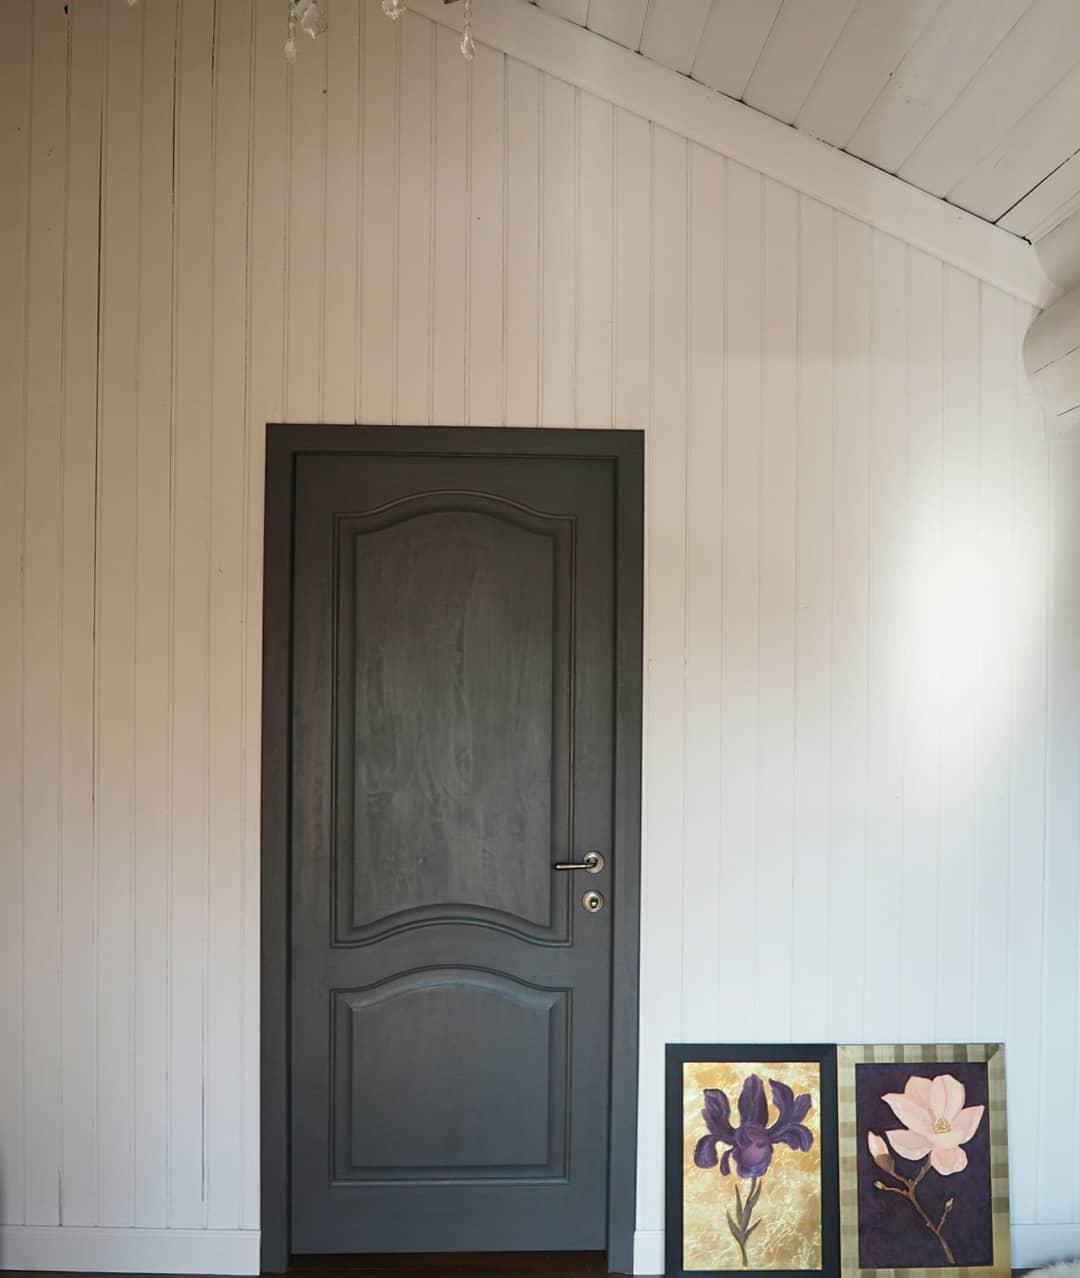 Вагонка для внутренней отделки (45 фото): виды, широкая и узкая, какая лучше для отделки комнат внутри дома своими руками